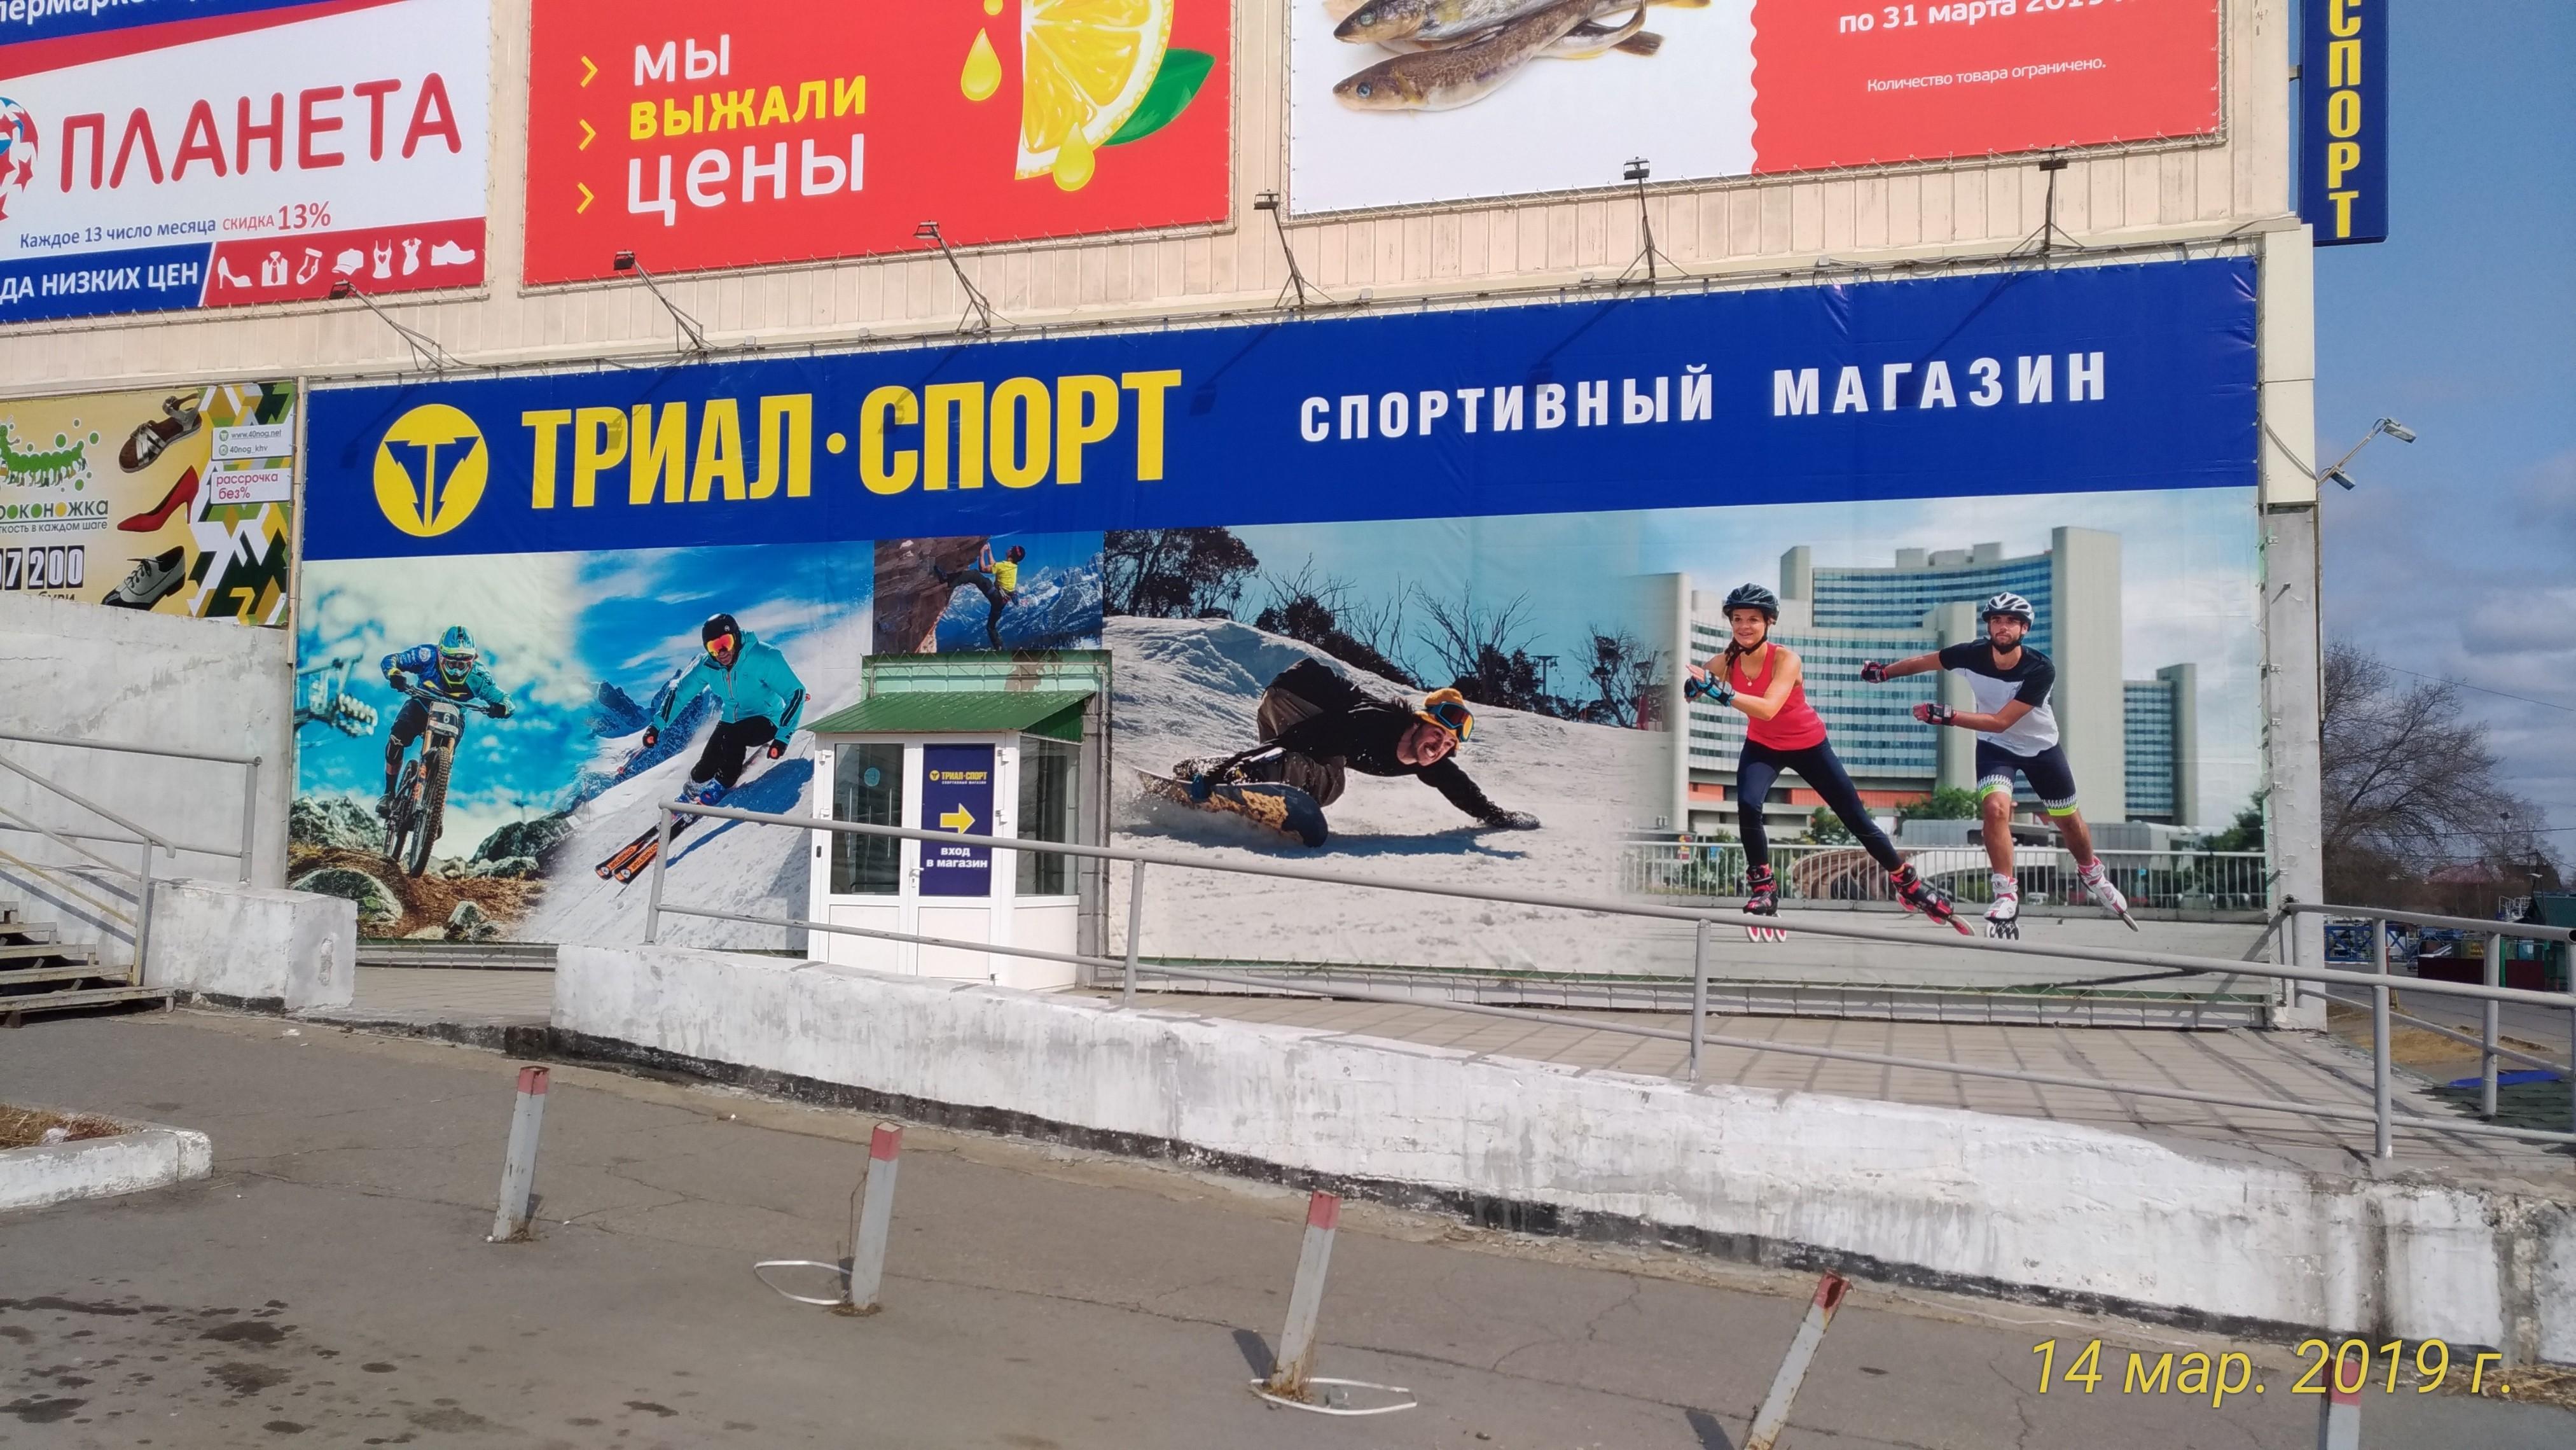 Магазин Триал Хабаровск